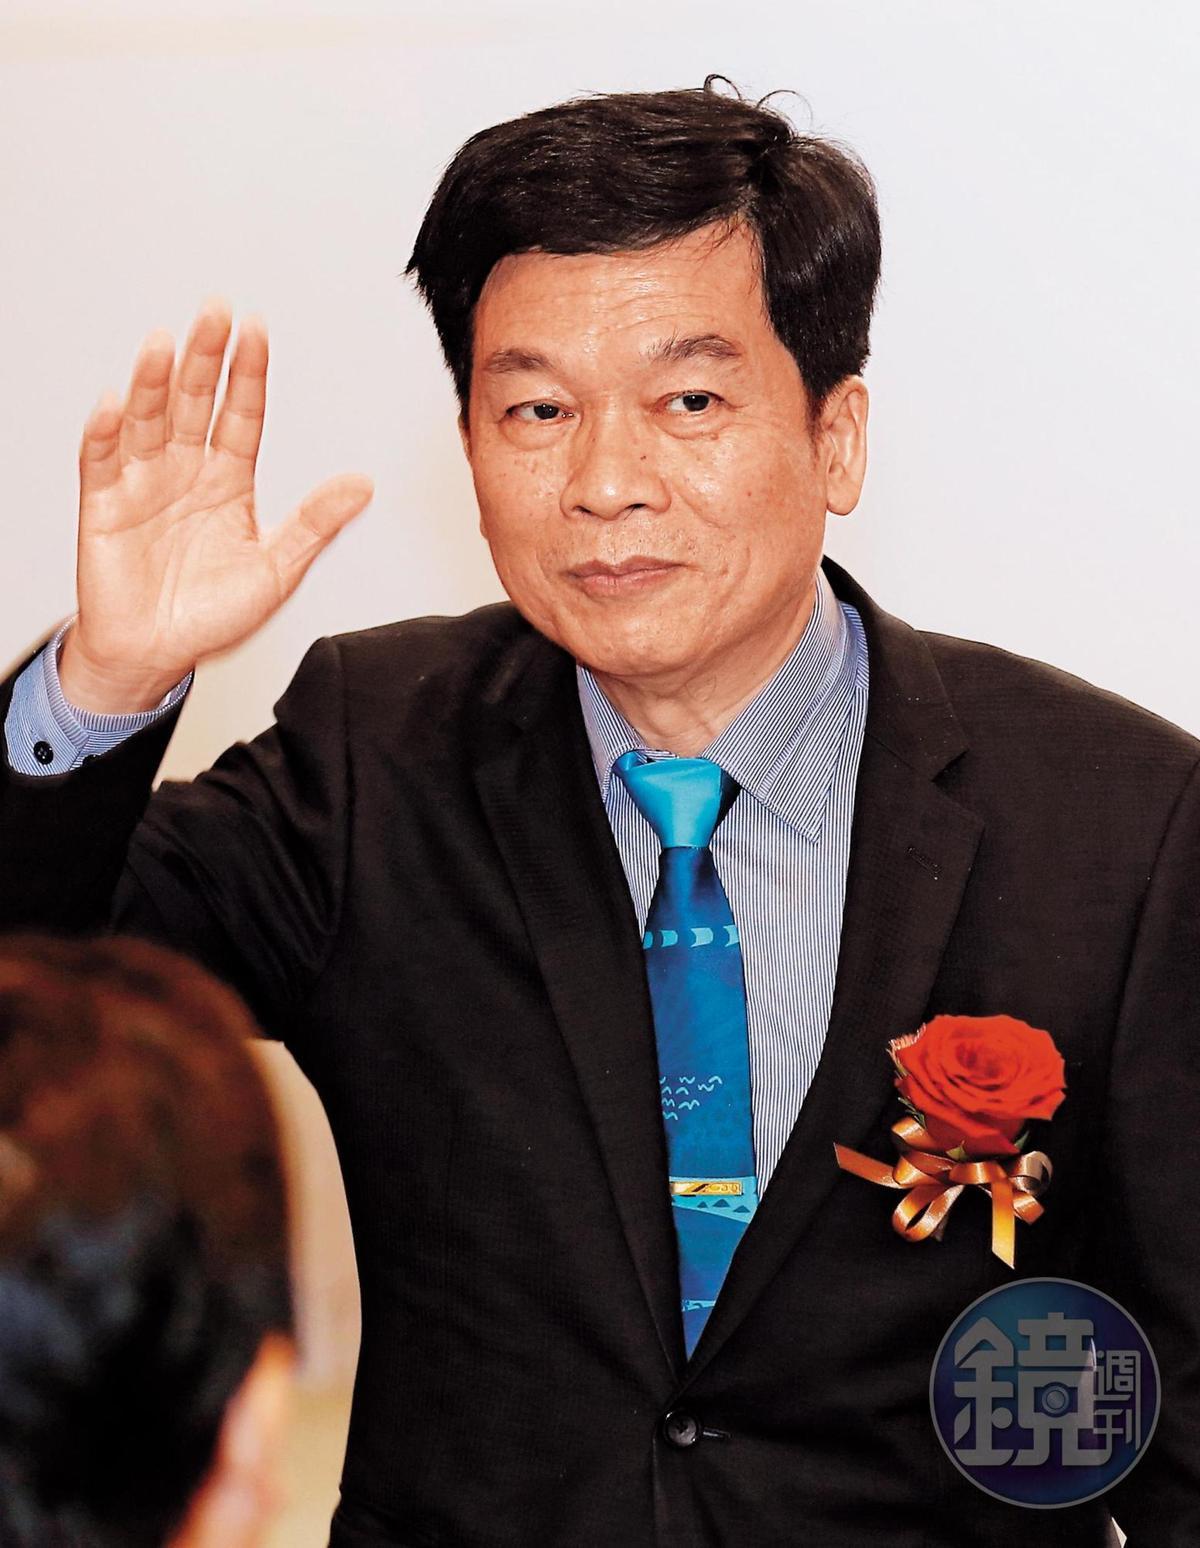 擔任都審主席都發局長黃景茂(圖),遭市府高層檢討專業擔當不足,柯更直接表達不滿。